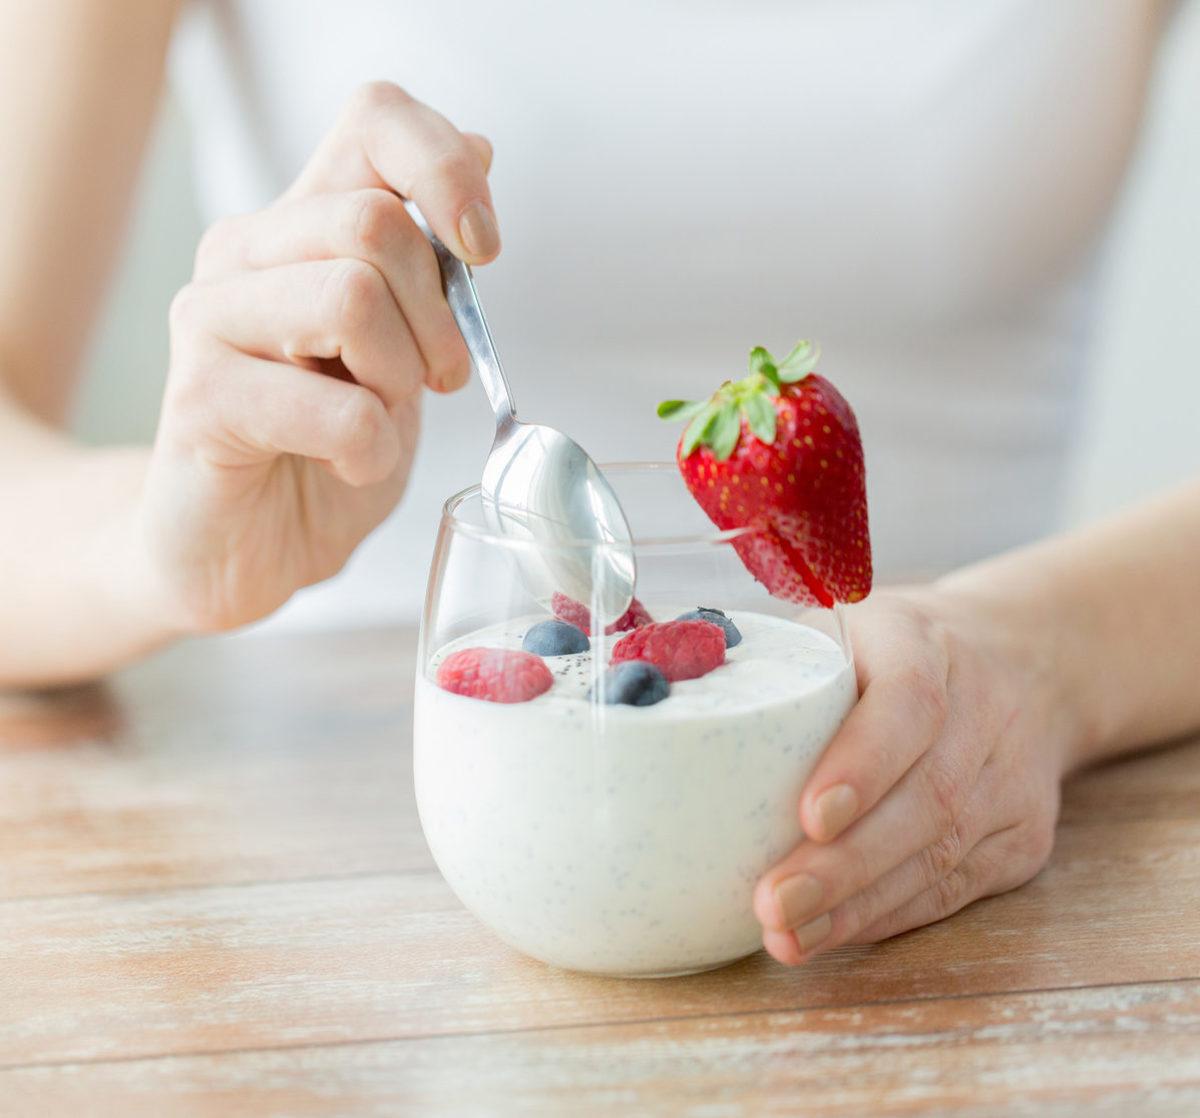 the-advantages-of-probiotics